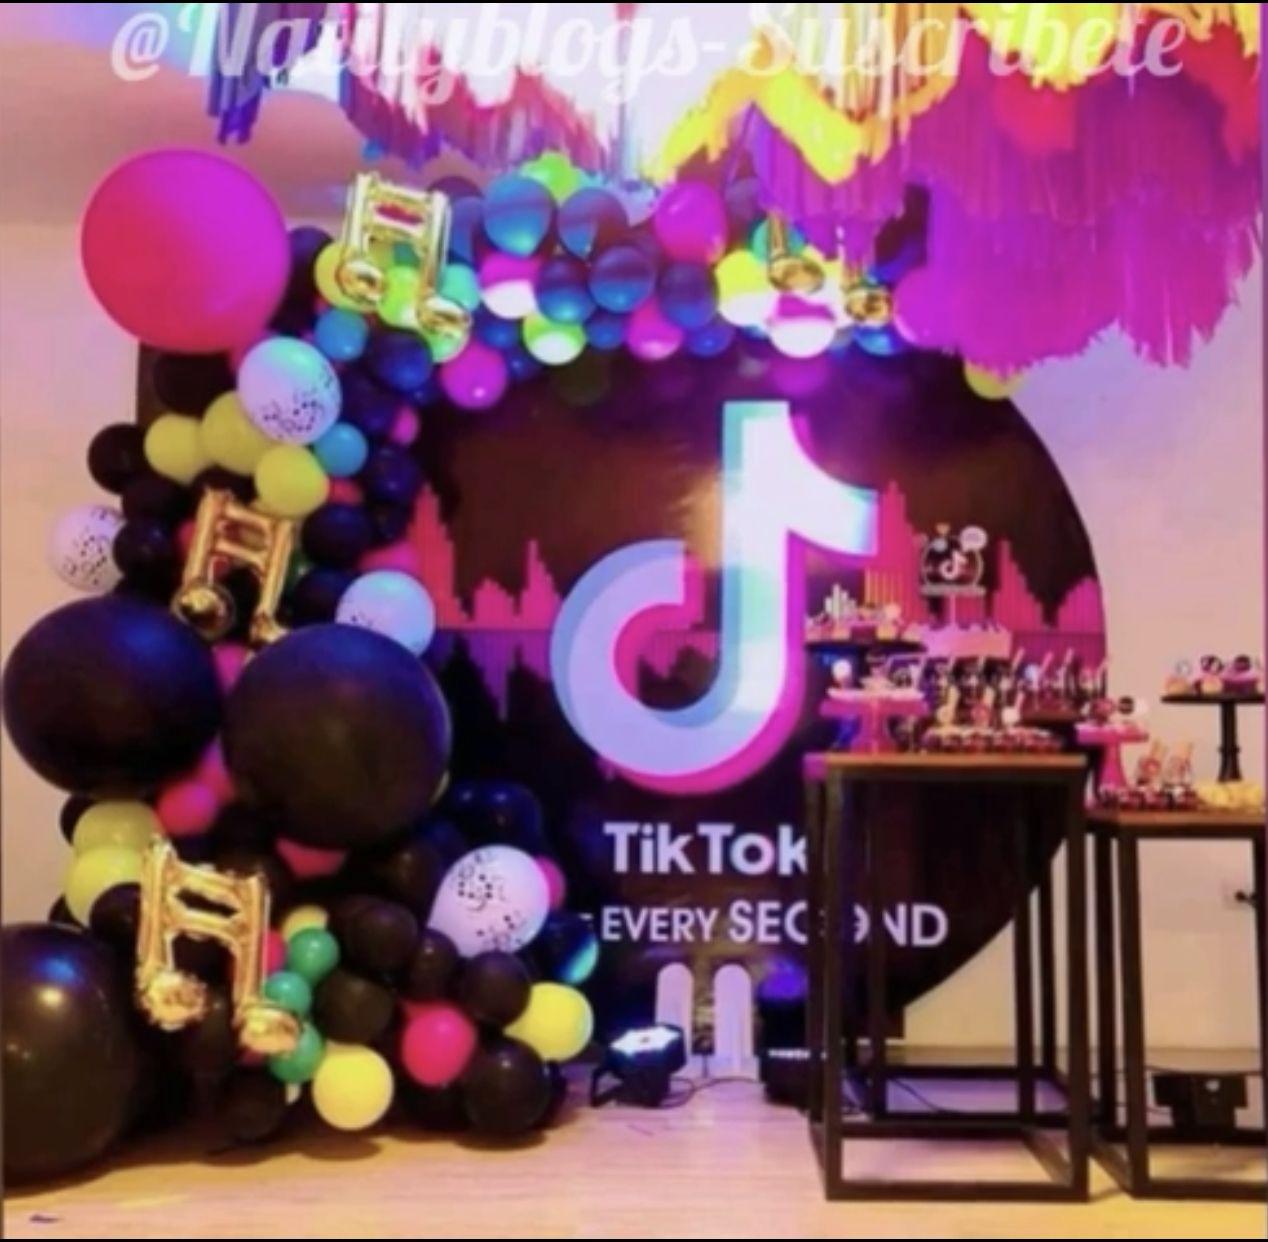 VSTON TIK Tok Decoraciones Fiesta Cumplea/ños,TIK Tok Banner Mantel Cortina de Flecos Globo de Papel de Aluminio y Globos de l/átex Adornos para Tartas Suministros para Fiestas de cumplea/ños